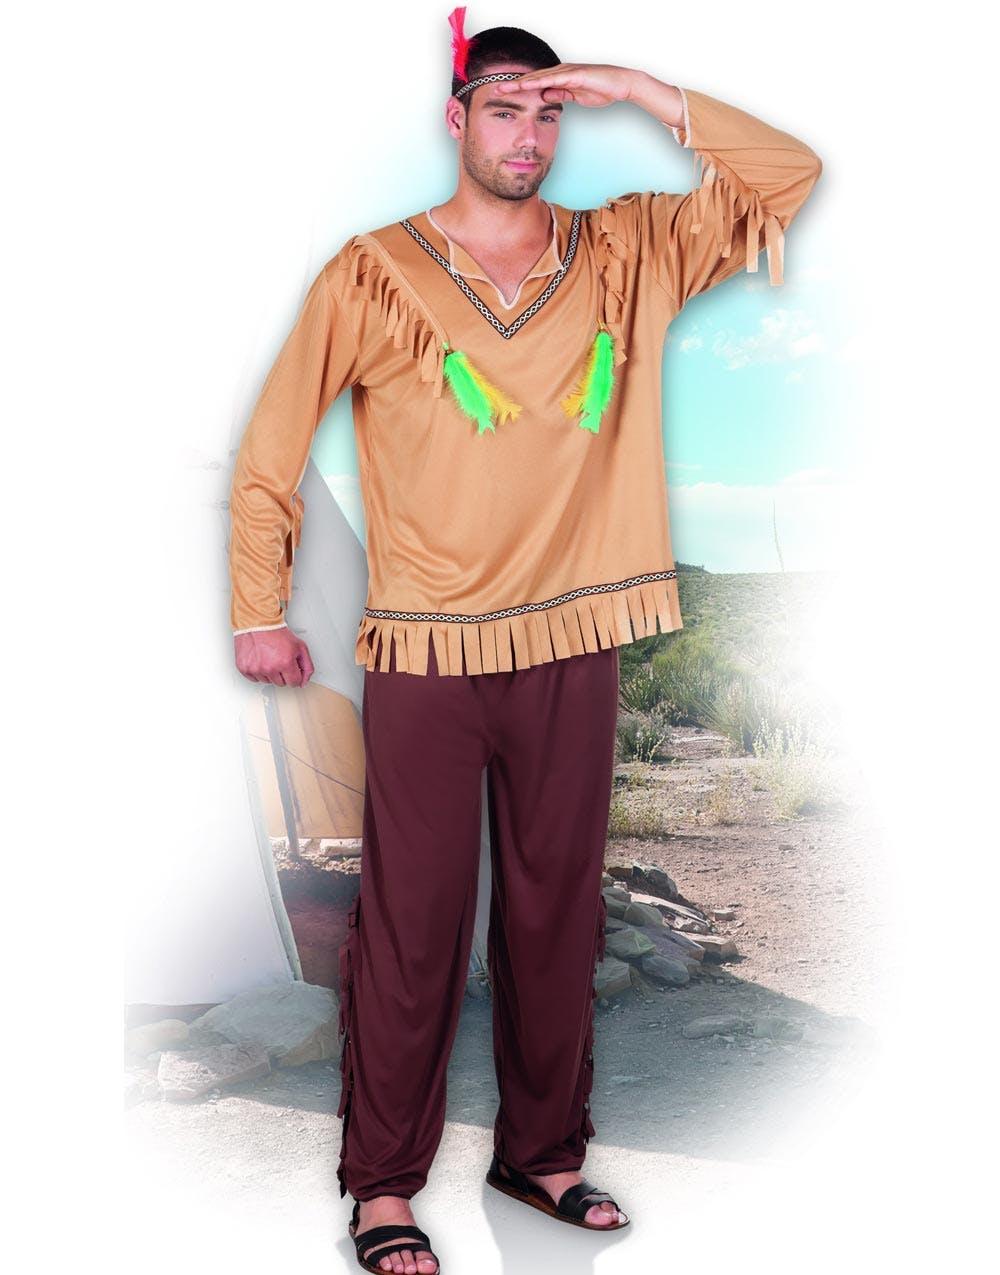 Flygande Örn - Indiankostym Flygande Örn - Indiankostym 04b1a4f645cc6